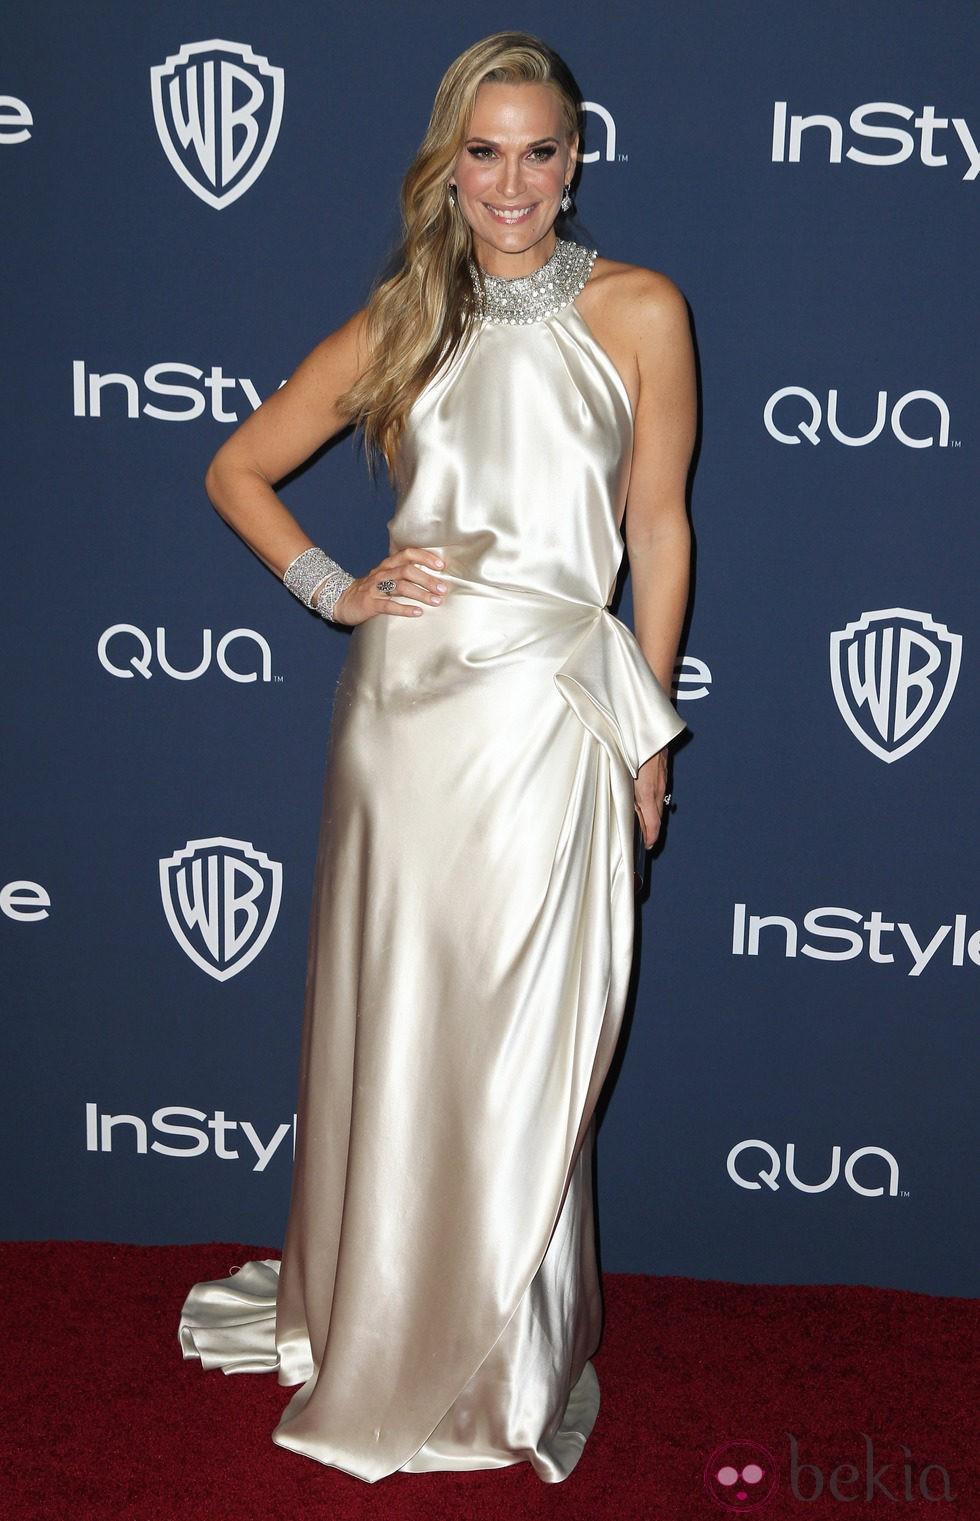 Molly Sims en la fiesta Warner Bros. tras la entrega de los Globos de Oro 2014